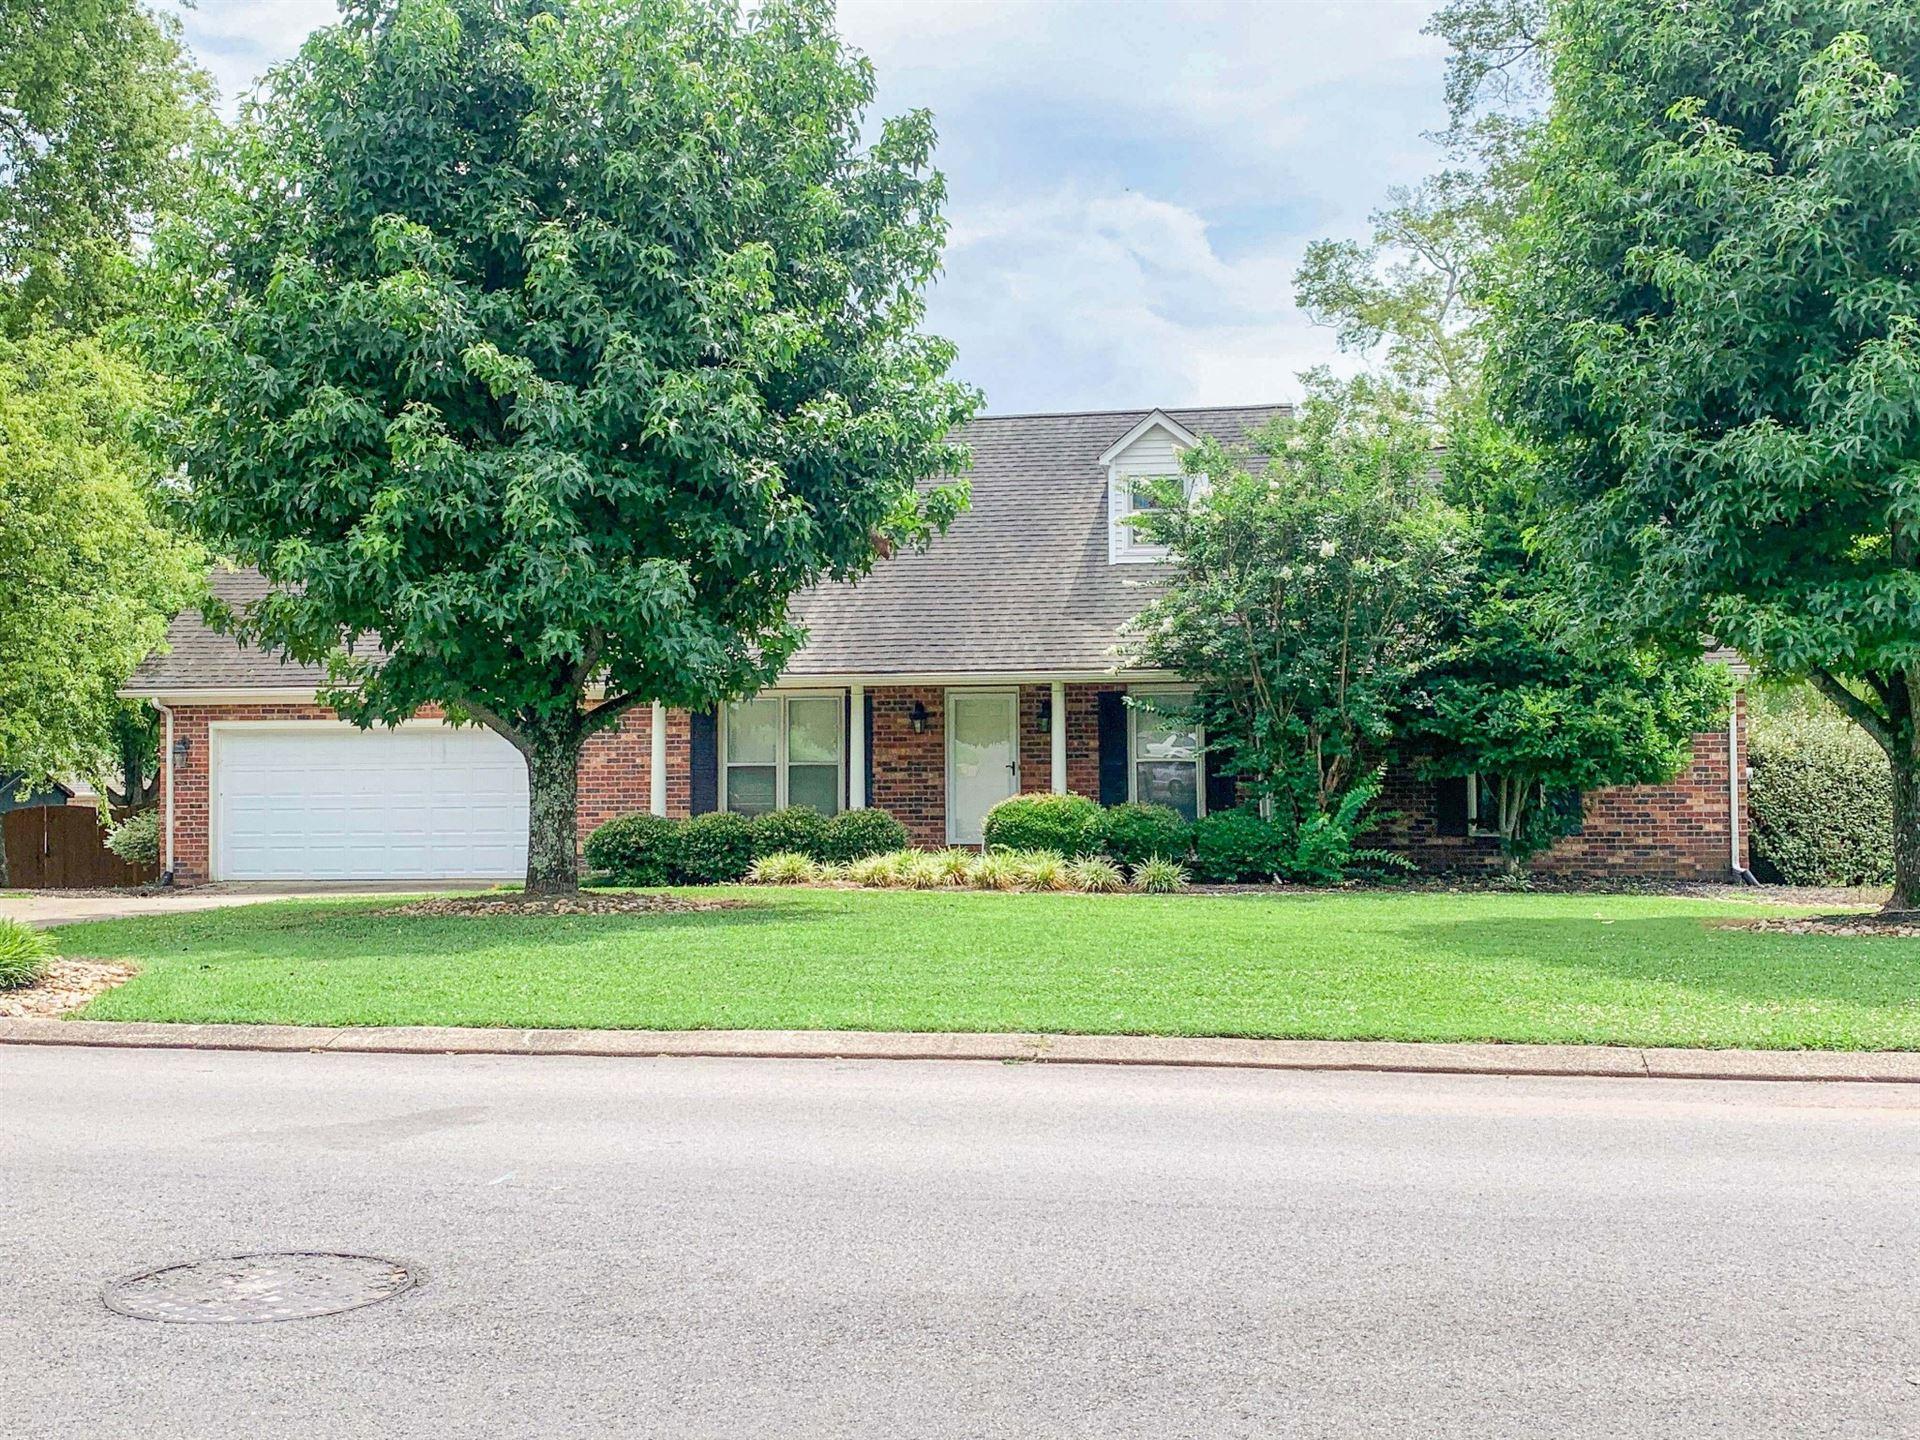 611 Irongate Blvd, Murfreesboro, TN 37129 - MLS#: 2276556